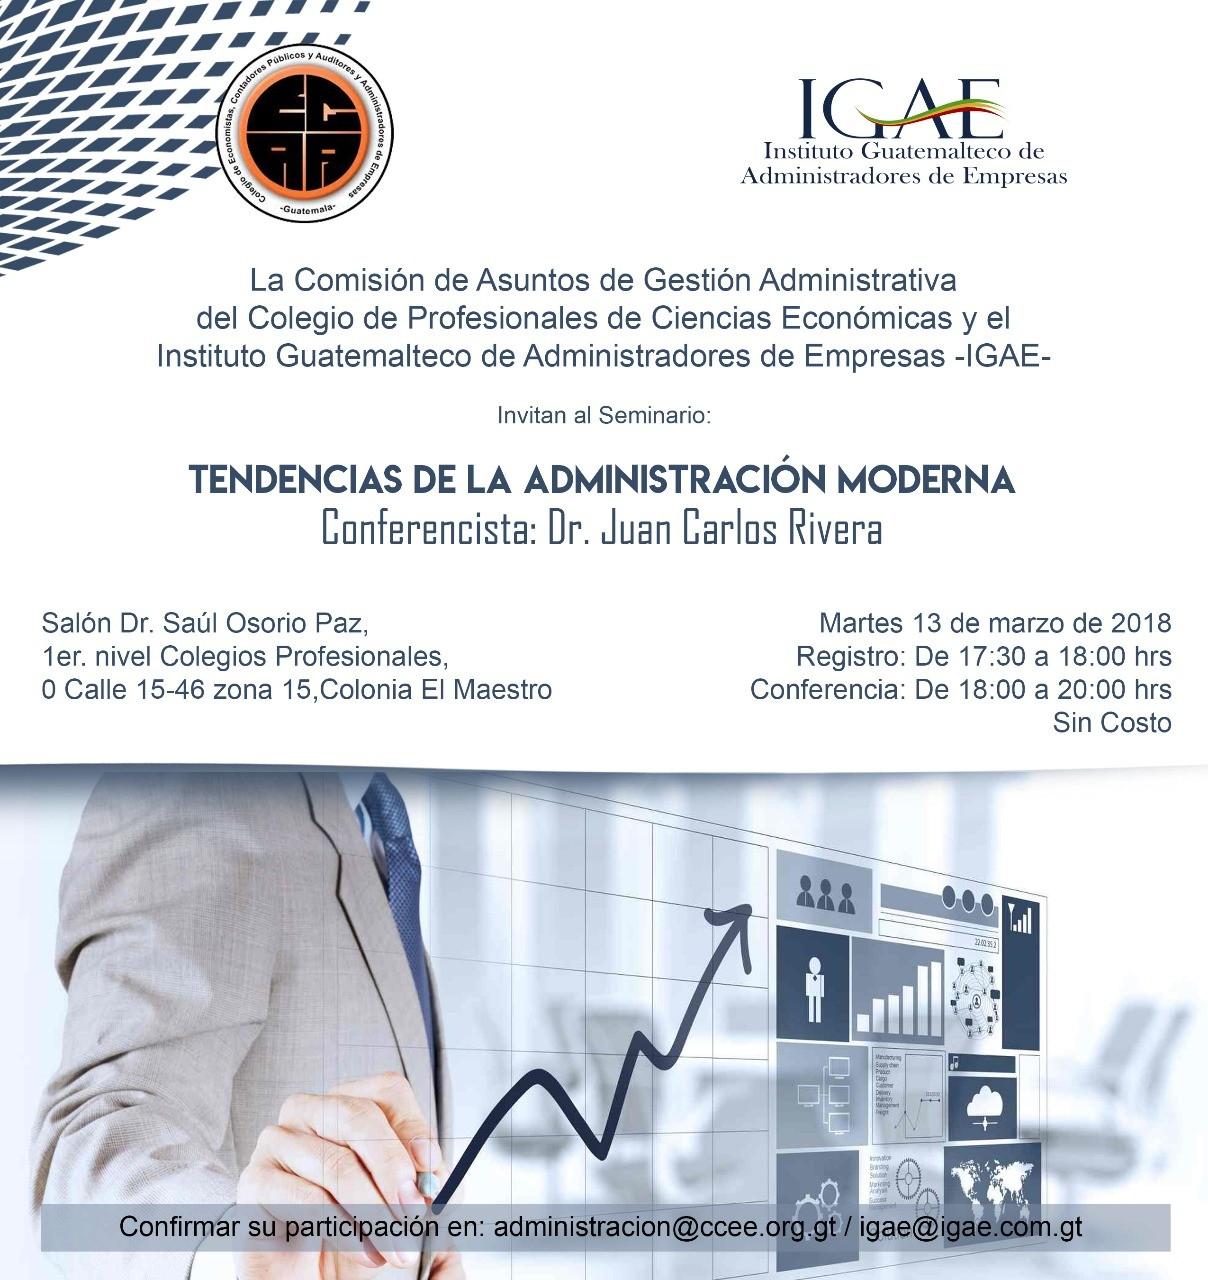 Martes 13 de Marzo 2018, Salón Dr. Saúl Osorio Paz 1er Nivel Colegio de Profesionales